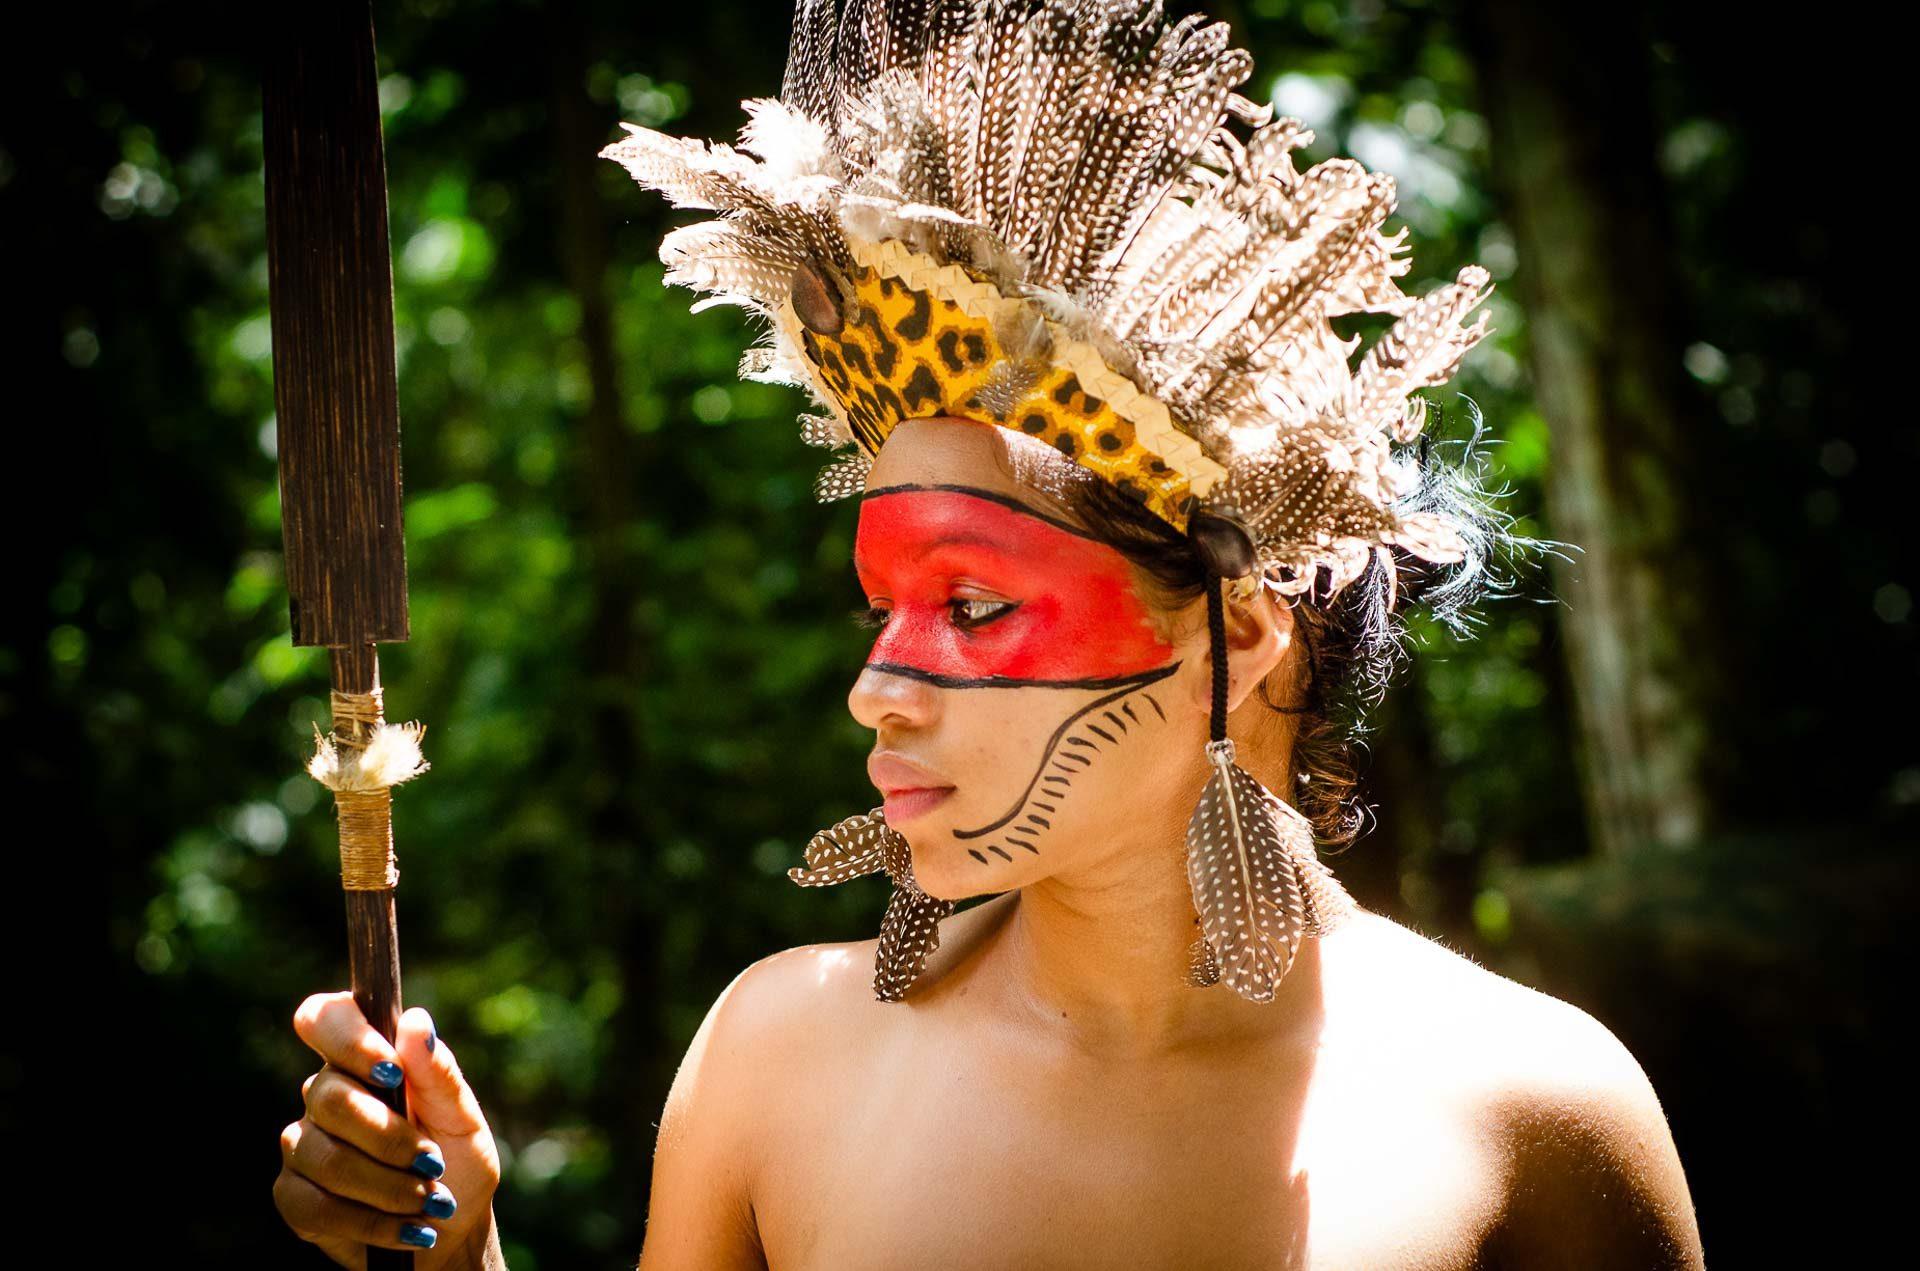 Lendas amazônicas - Vitória Régia